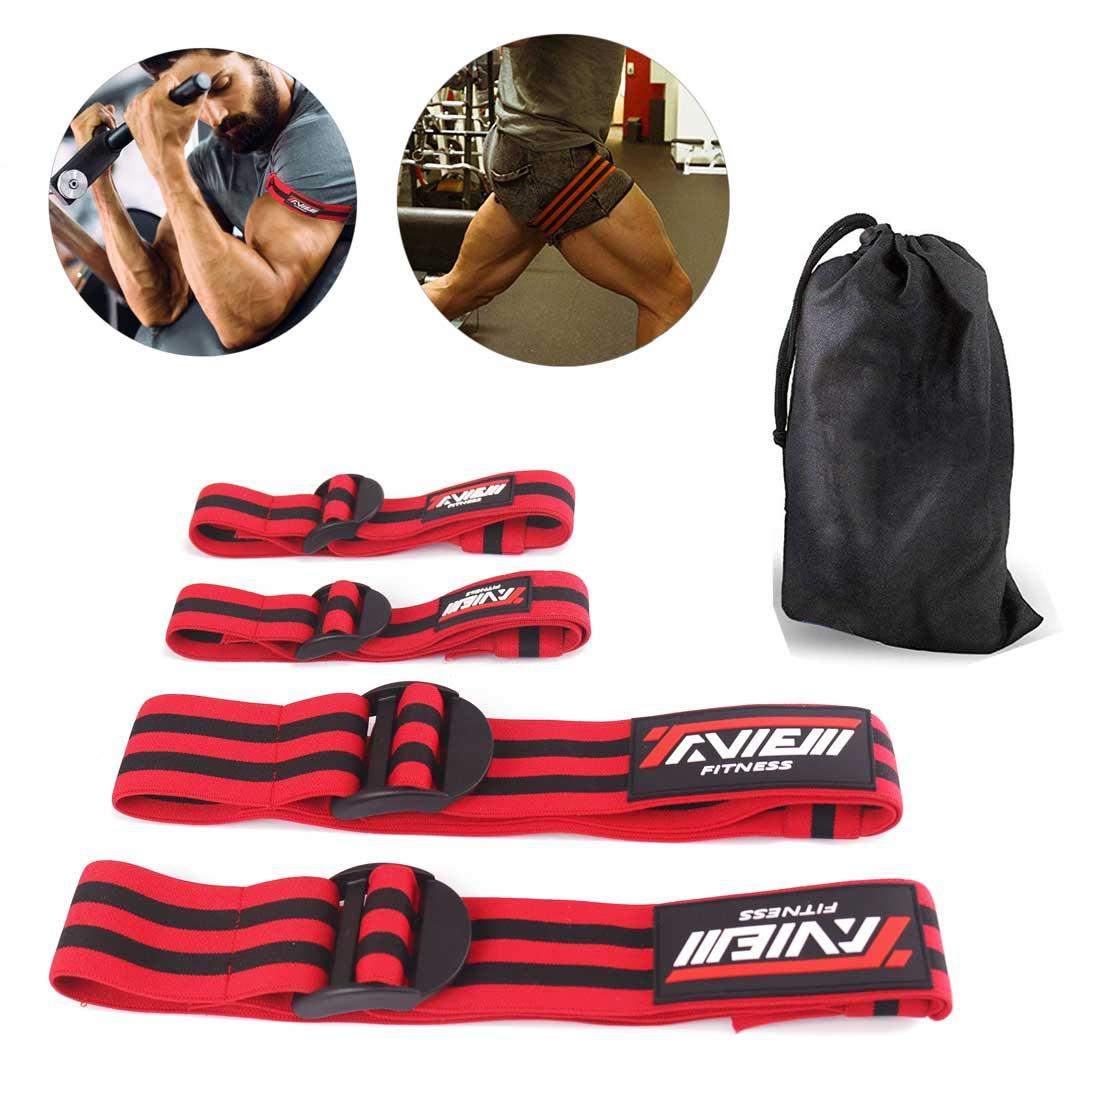 Fitness Okklusion Ausbildung Bands Bodybuilding Gewicht Blut Flow Einschränkung Bands Arm Bein Wraps Schnelle Muskel Wachstum Gym Ausrüstung